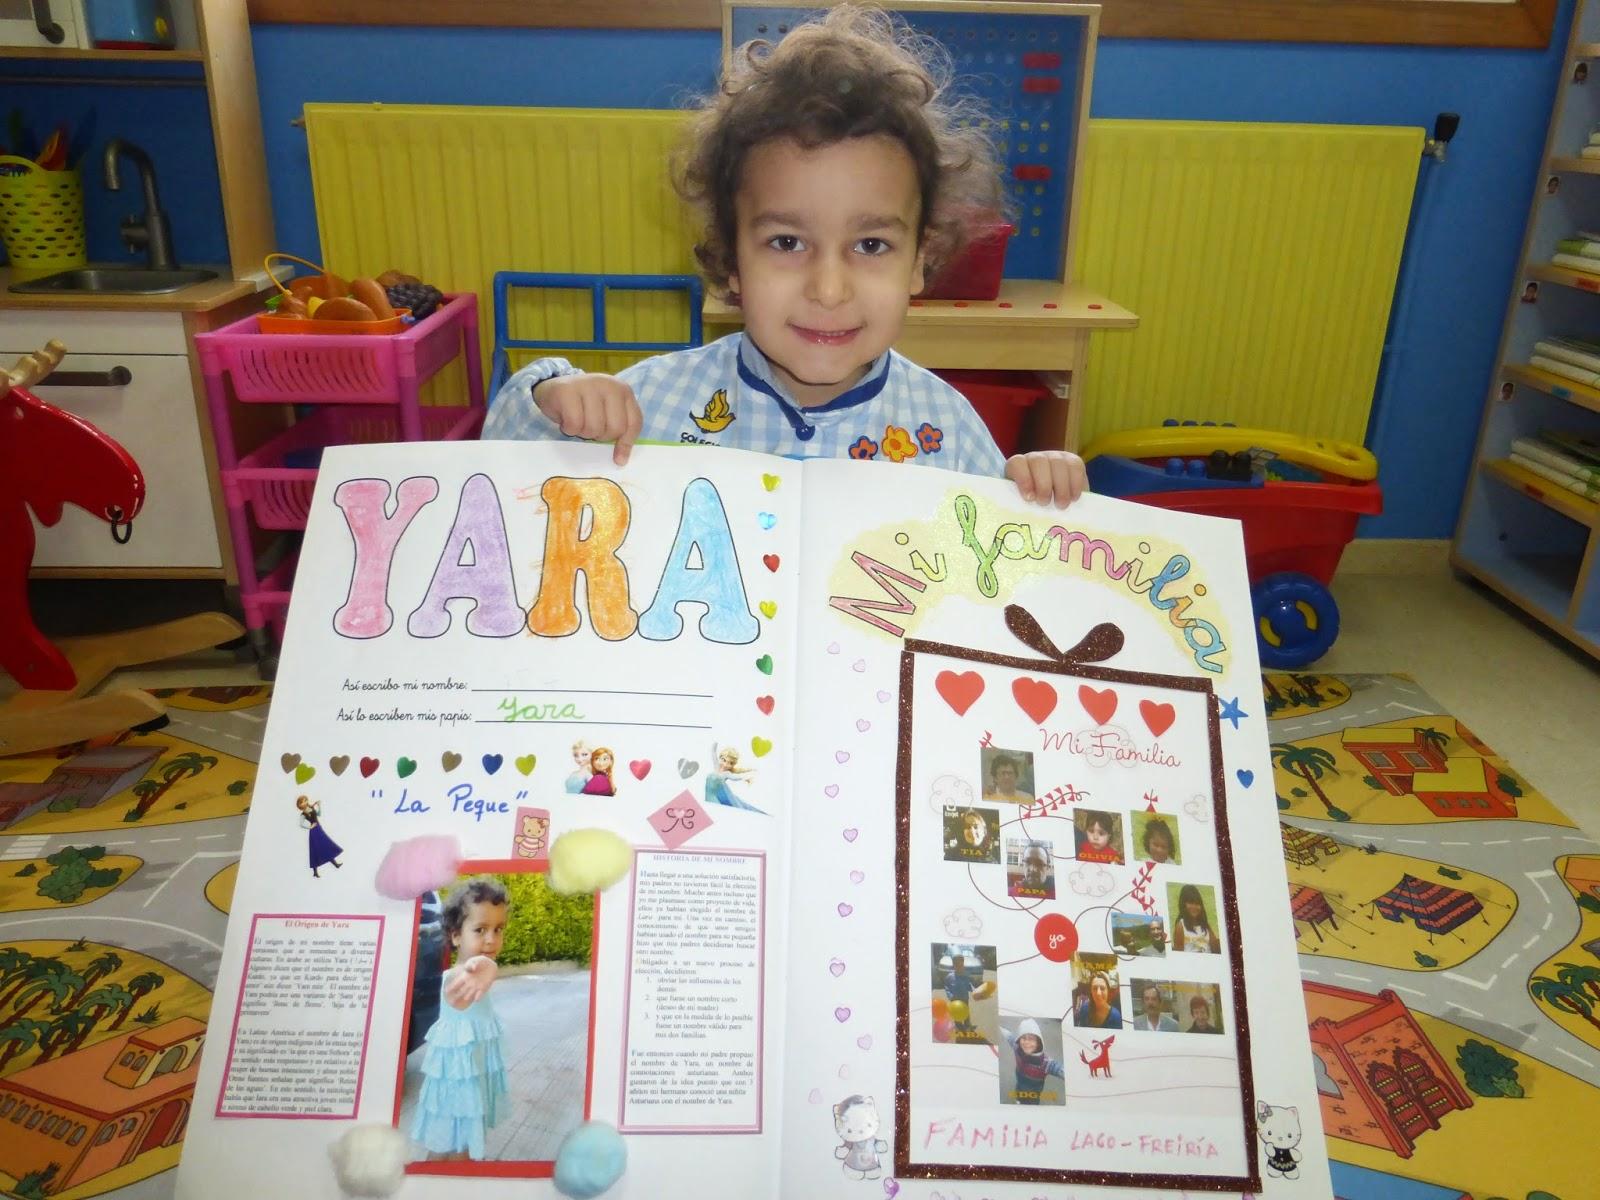 Ideas para libro viajero infantil - Ideas libro viajero infantil ...